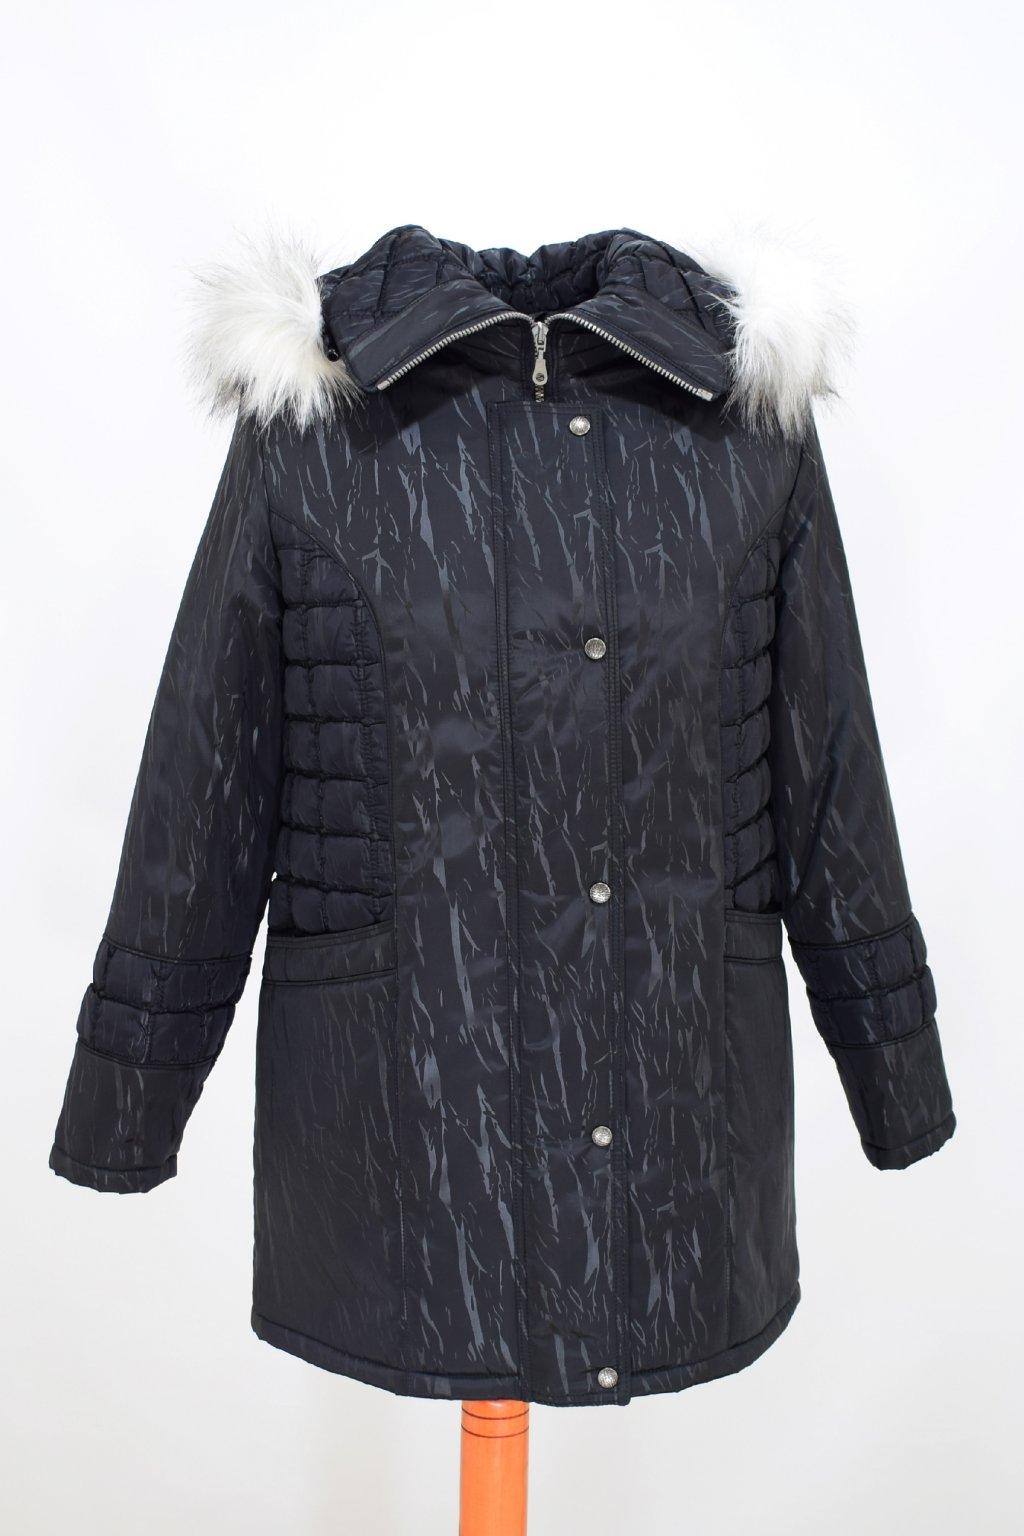 Dámská černá zimní bunda Tereza nadměrné velikosti